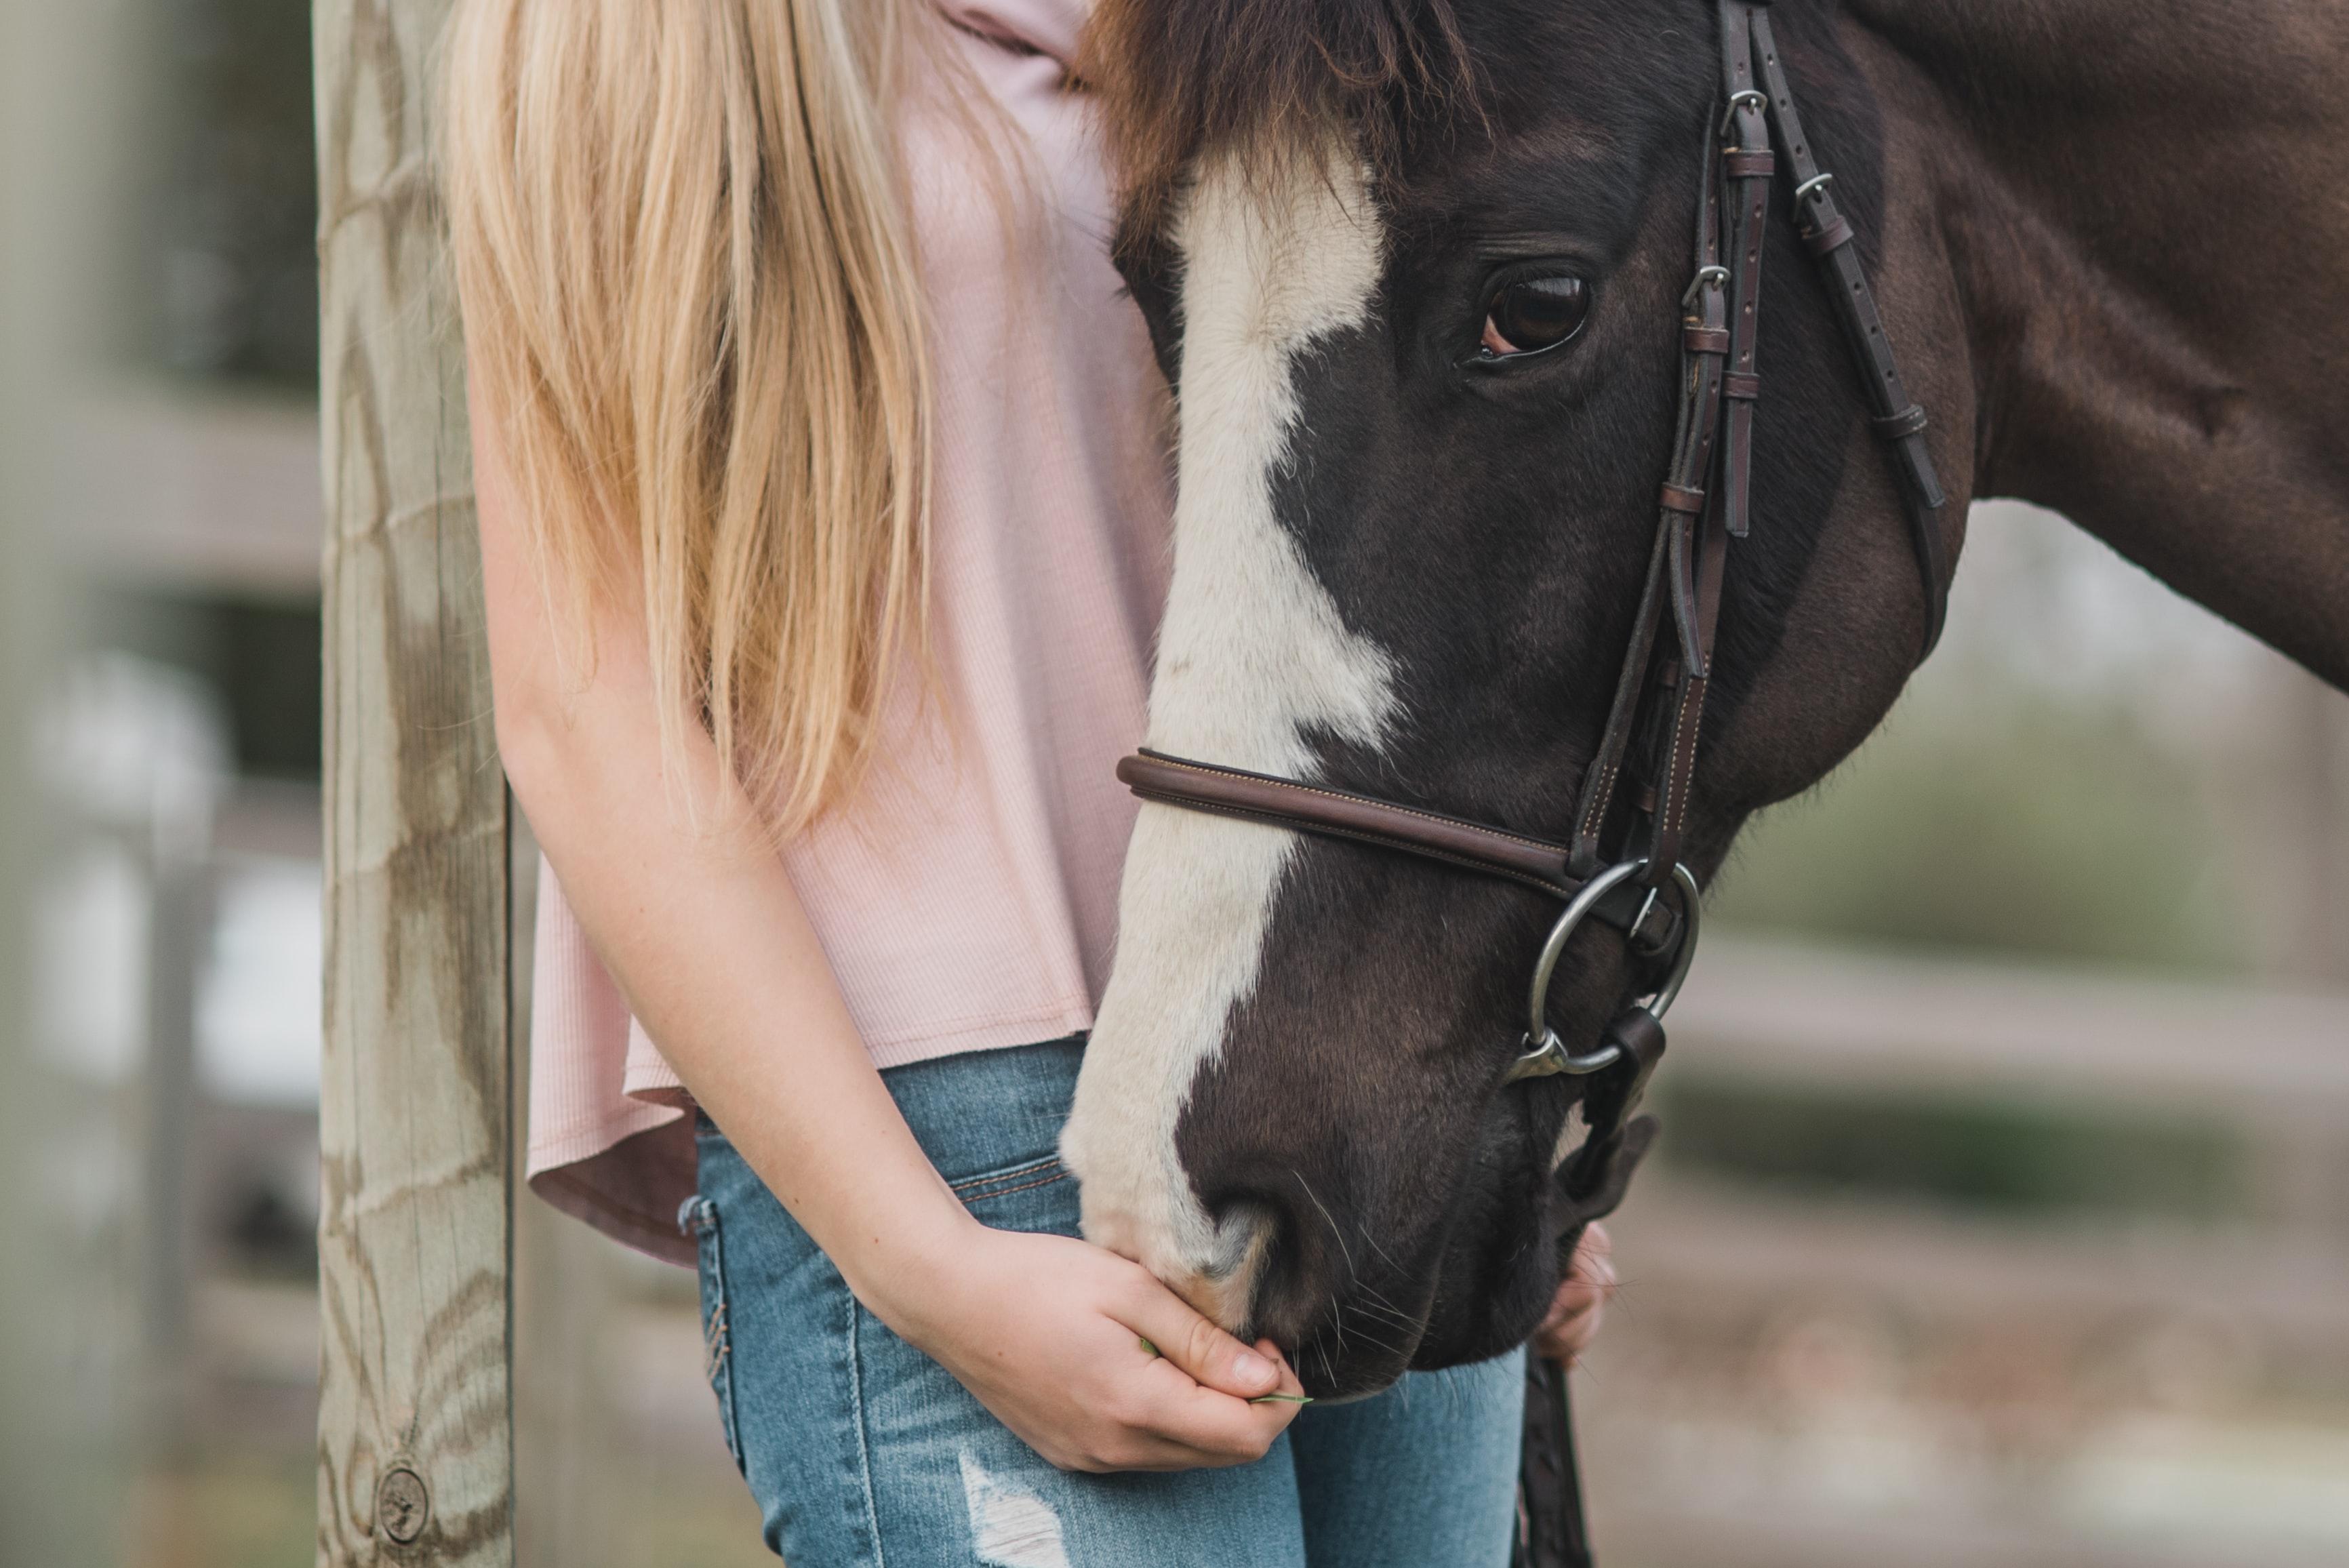 kirsten lachance d3p7NVgzGP4 unsplash - Tag på efterskole med hestelinje